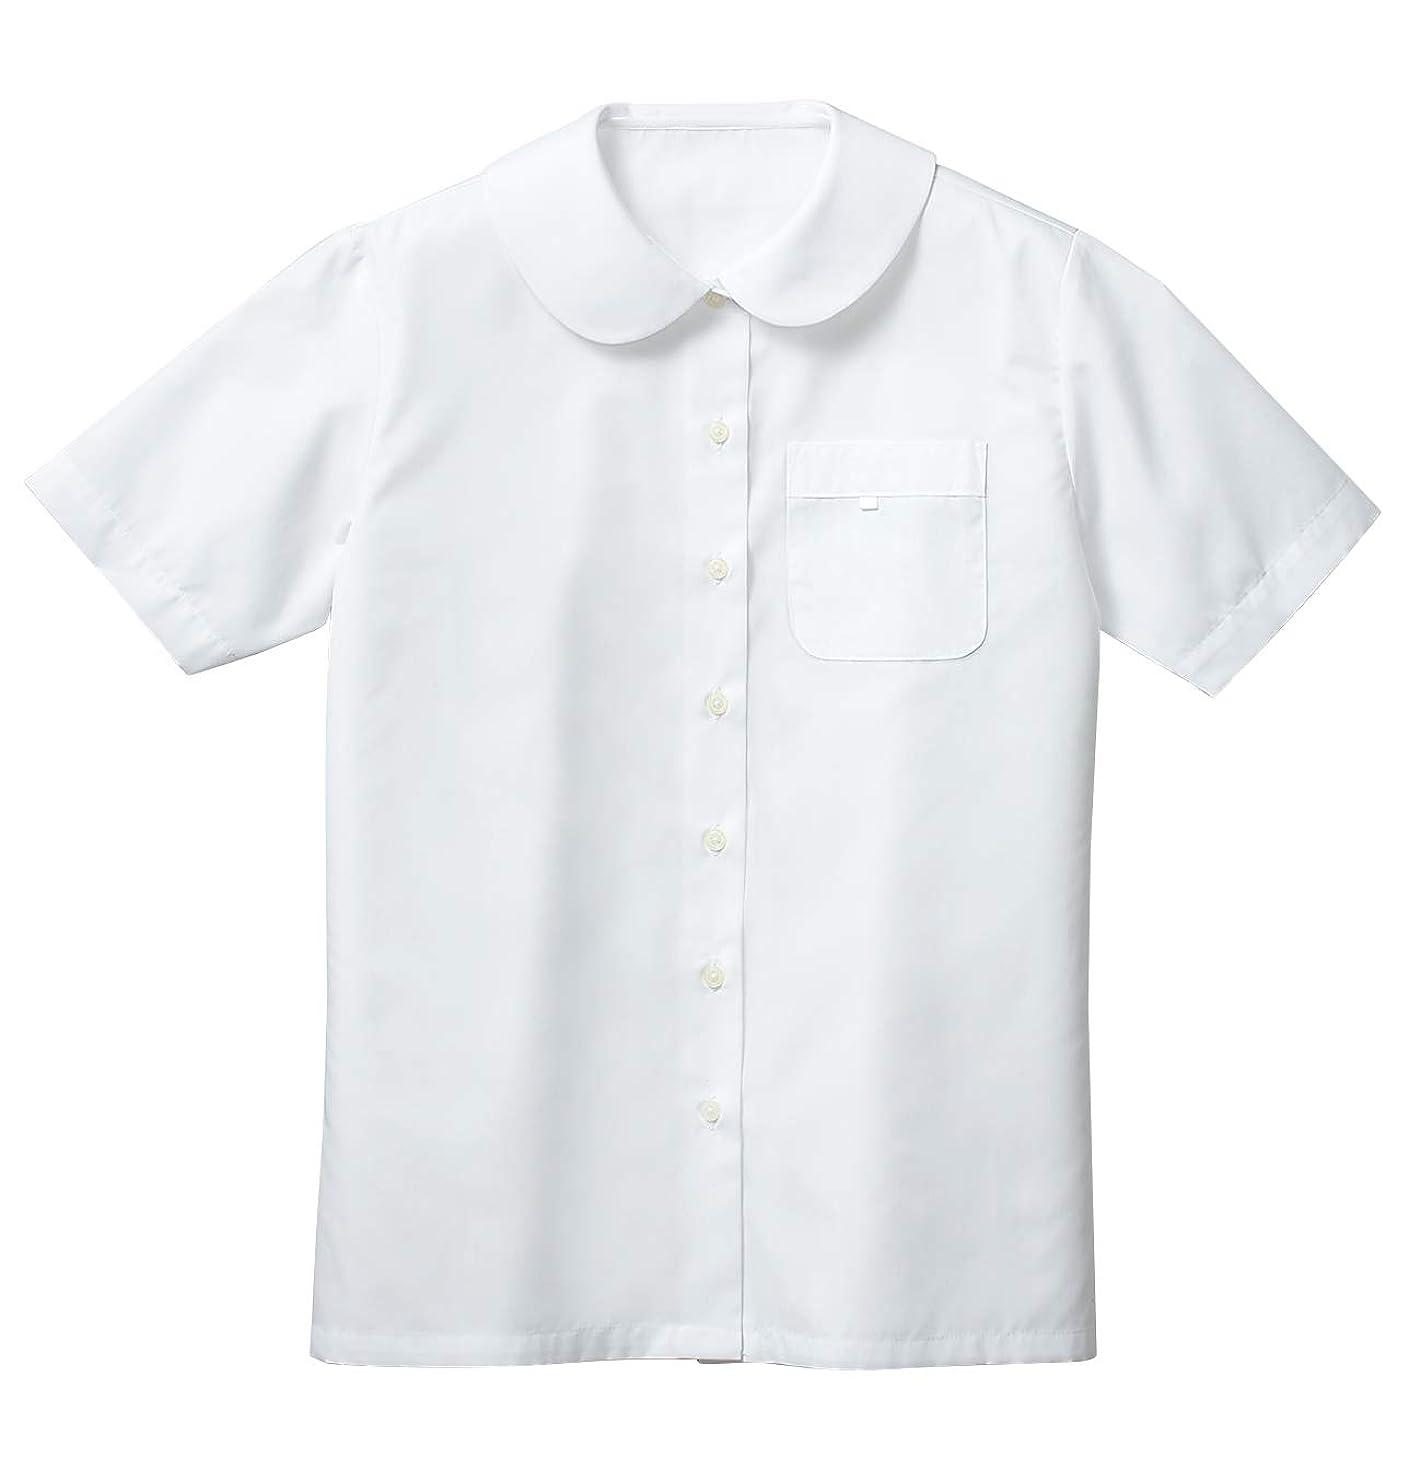 花嫁データベースウェイター[セシール] 半袖スクールシャツ?ブラウス(女児) キッズ 子供 学生 制服 通学シャツ 女の子 TH-1157